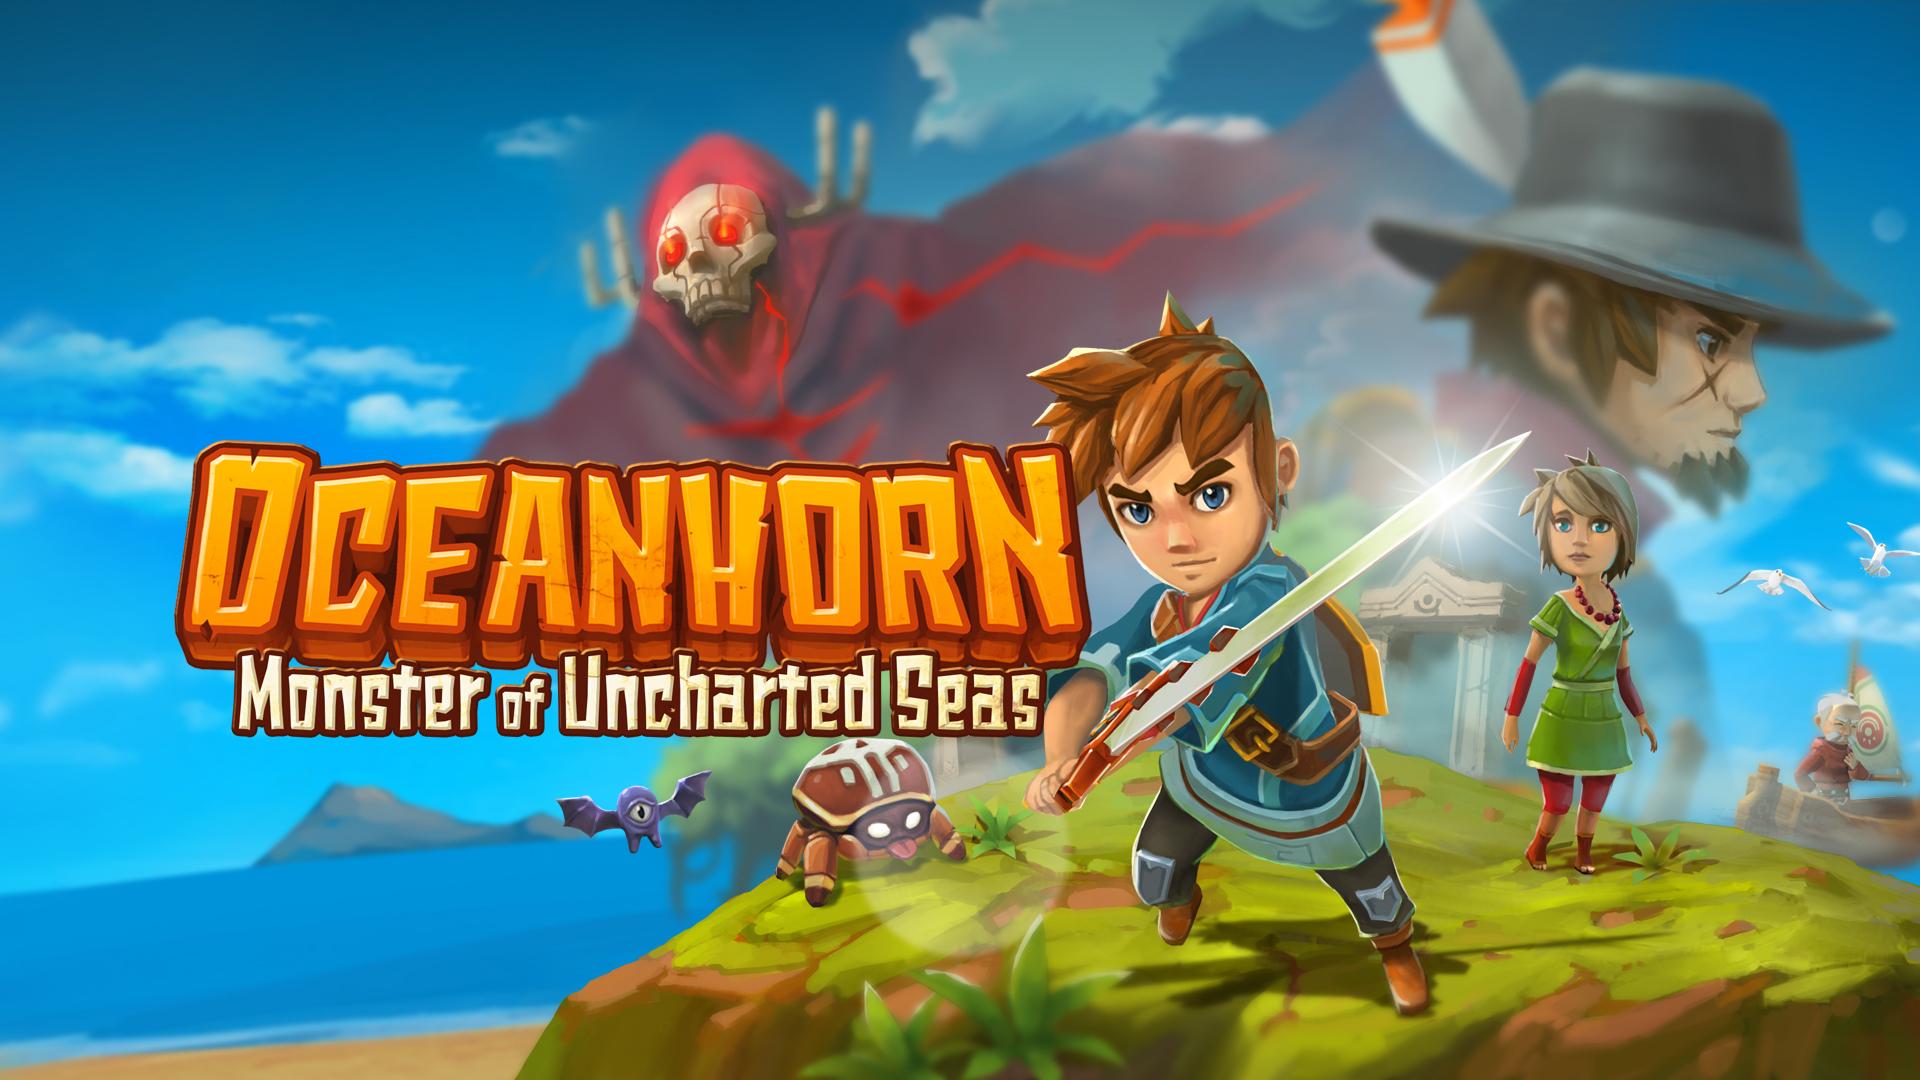 Nintendo eShop: Oceanhorn para Nintendo Switch -50%